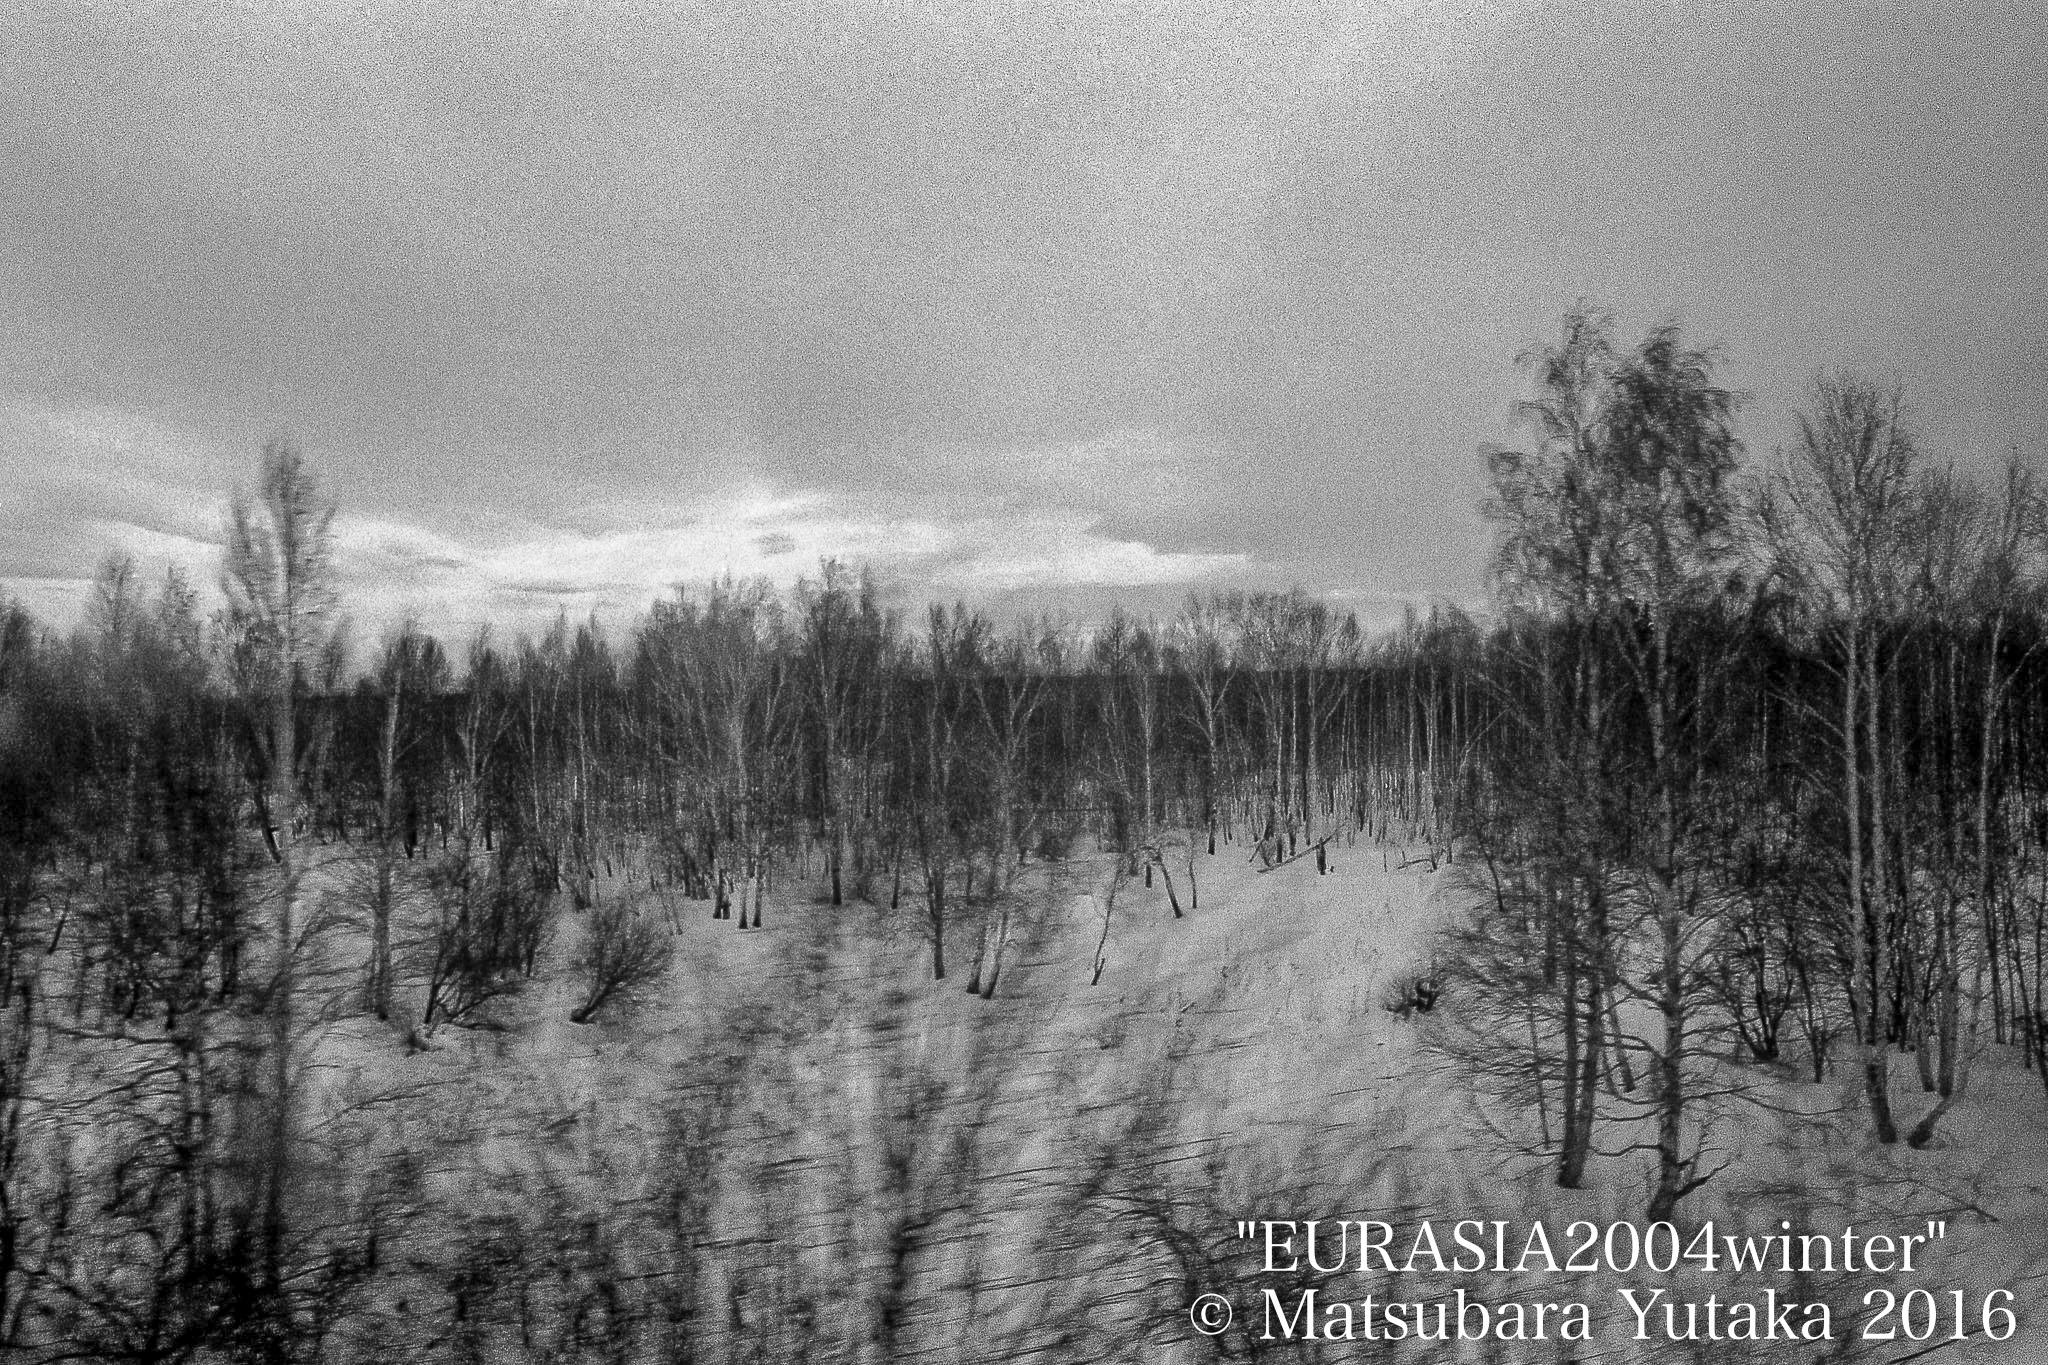 2004年北京ーモスクワ、厳寒の車窓から見つめたEURASIA車窓風景写真展